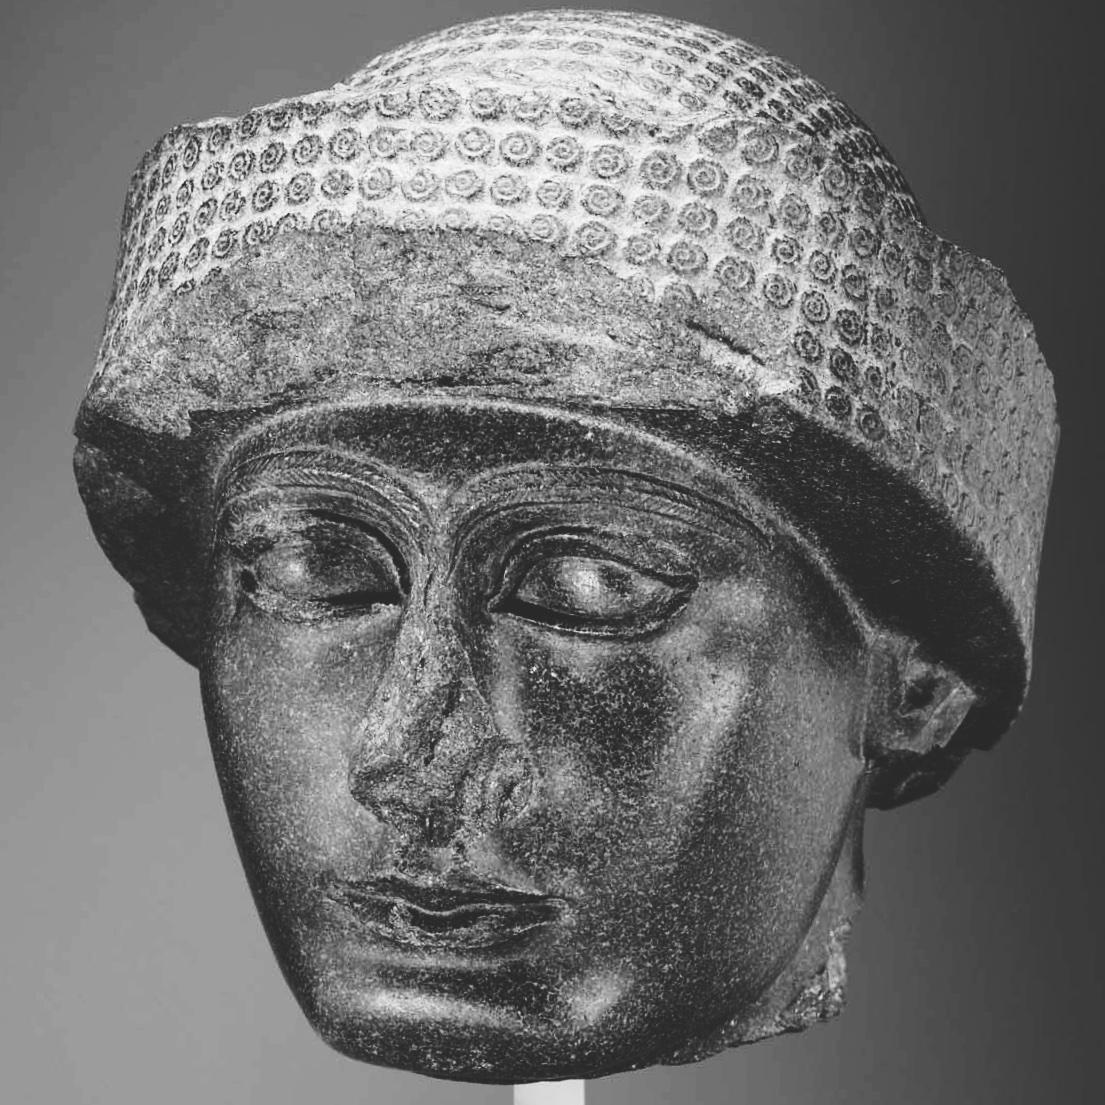 The Hammurabis -